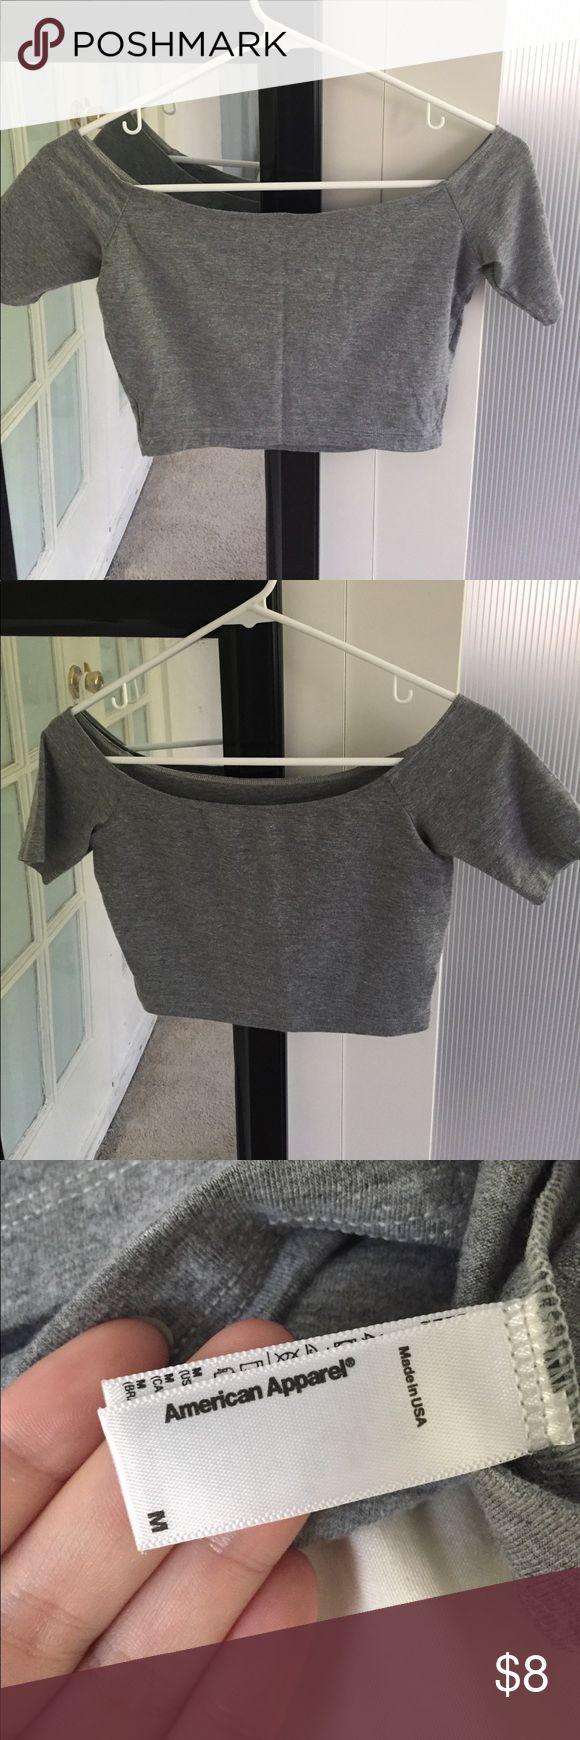 American apparel off shoulder tshirt Color: grey/ size: medium/ cropped off shoulder tshirt/ new American Apparel Tops Crop Tops